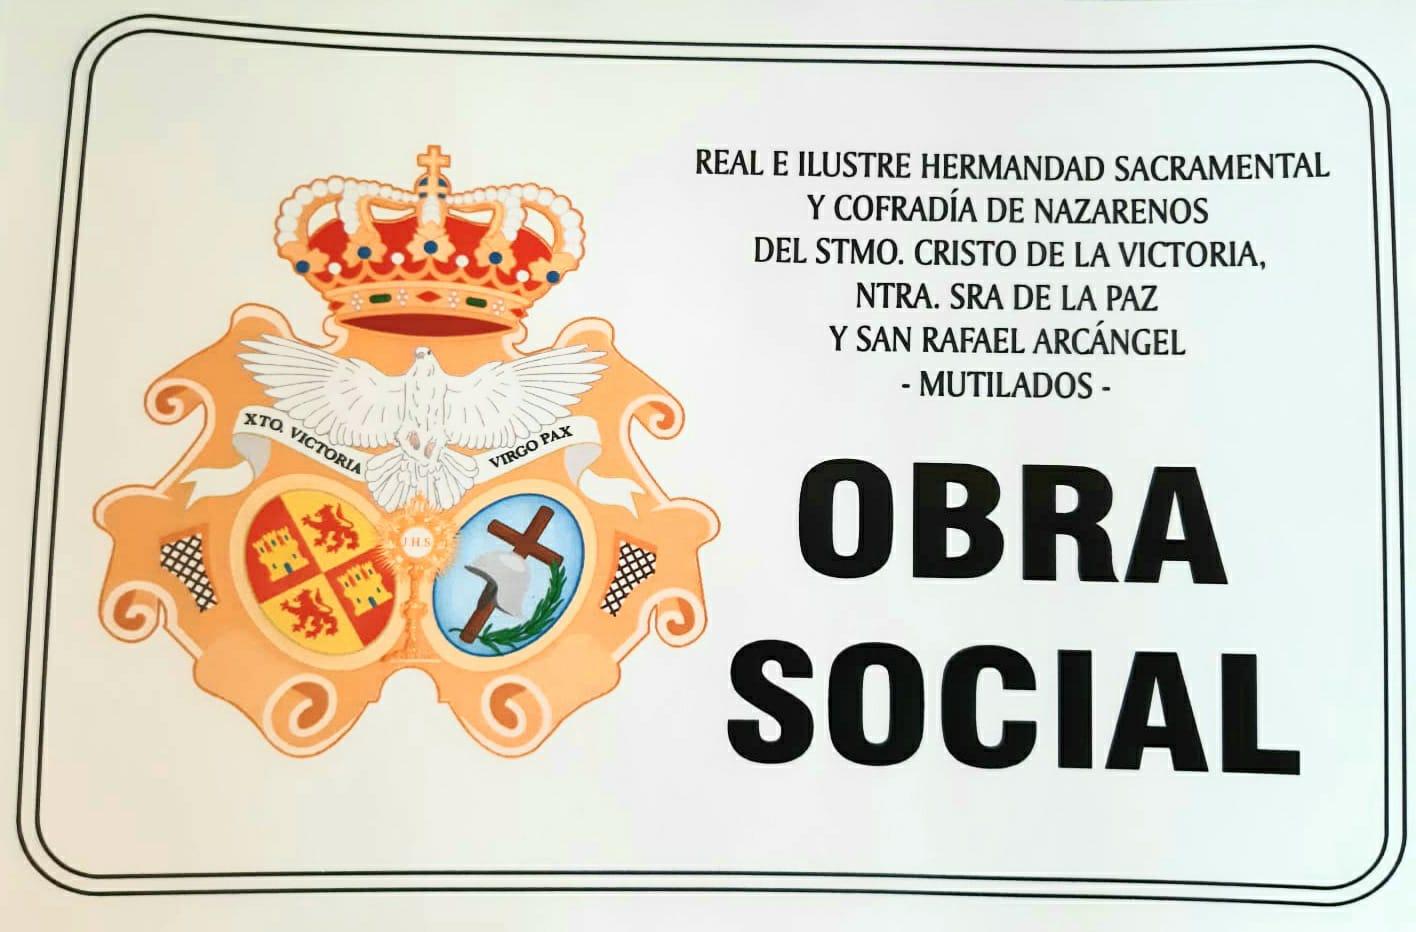 Obra Social Hdad. Mutilados